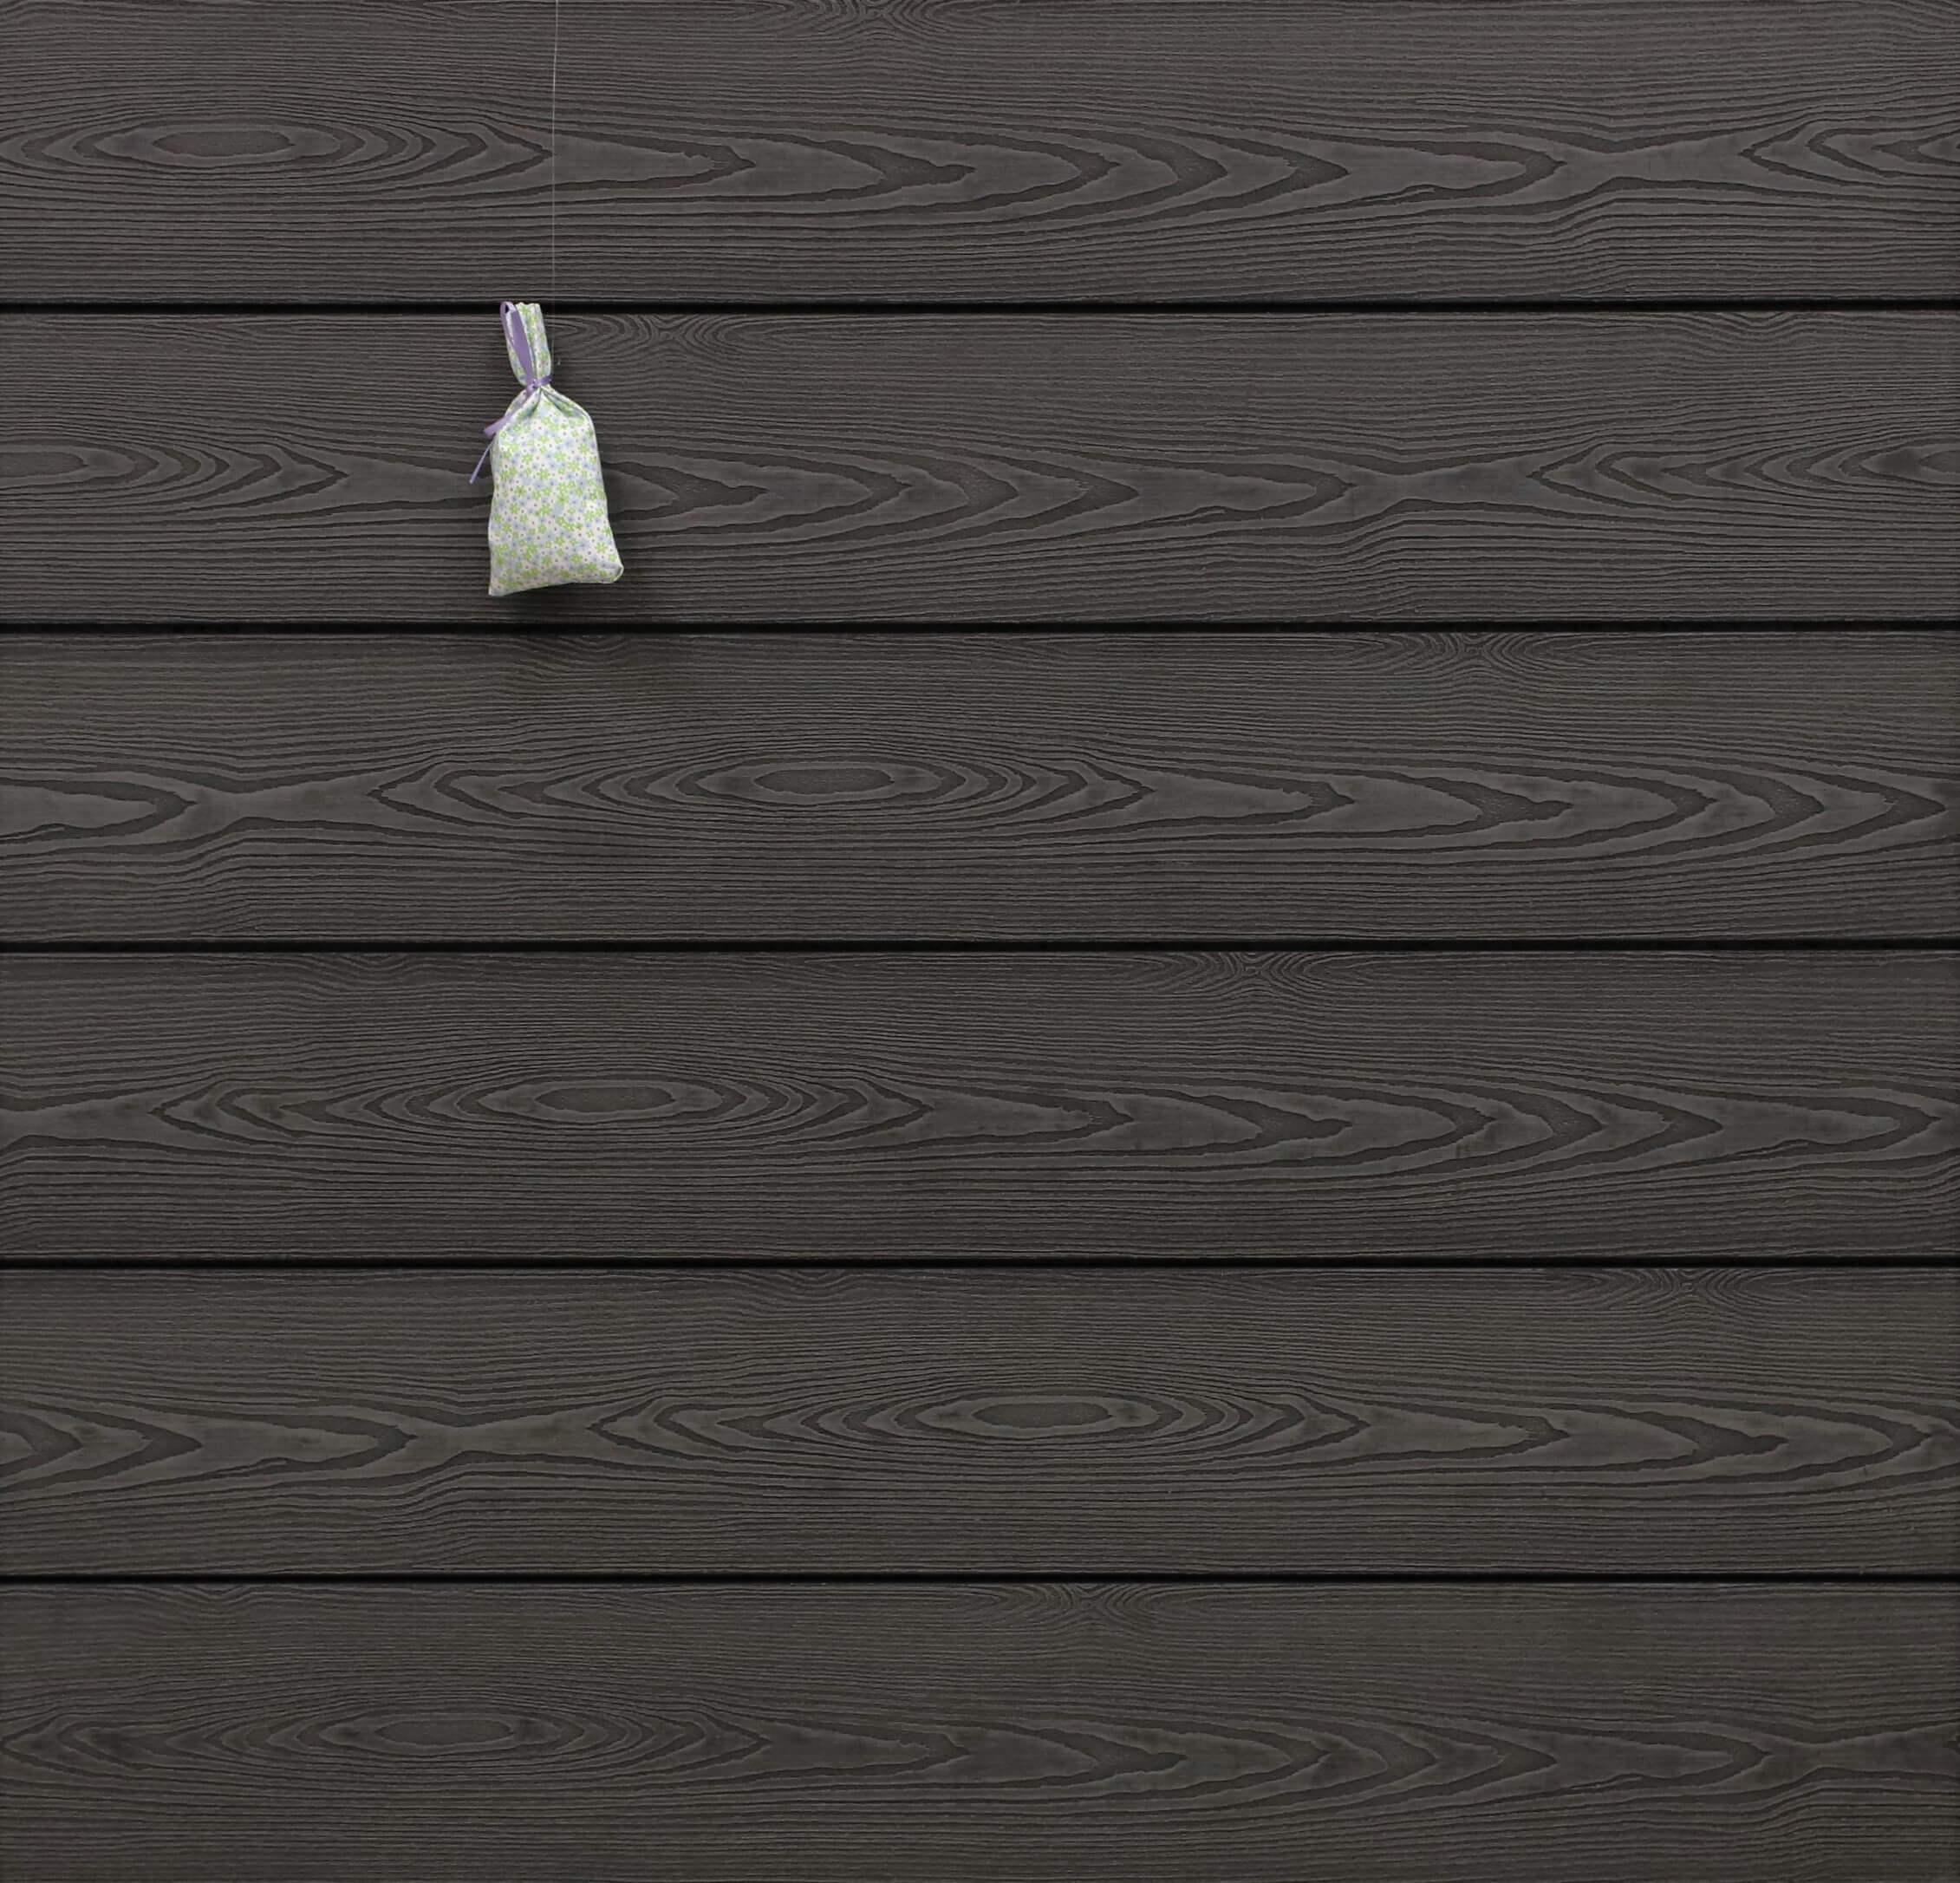 WPC Terrassendielen massiv, Oberfläche mit 3D Struktur in Holzoptik, Farbton dunkelgrau, Vollprofil, 22 x 143 bis 4800 mm für 9,50 €/lfm